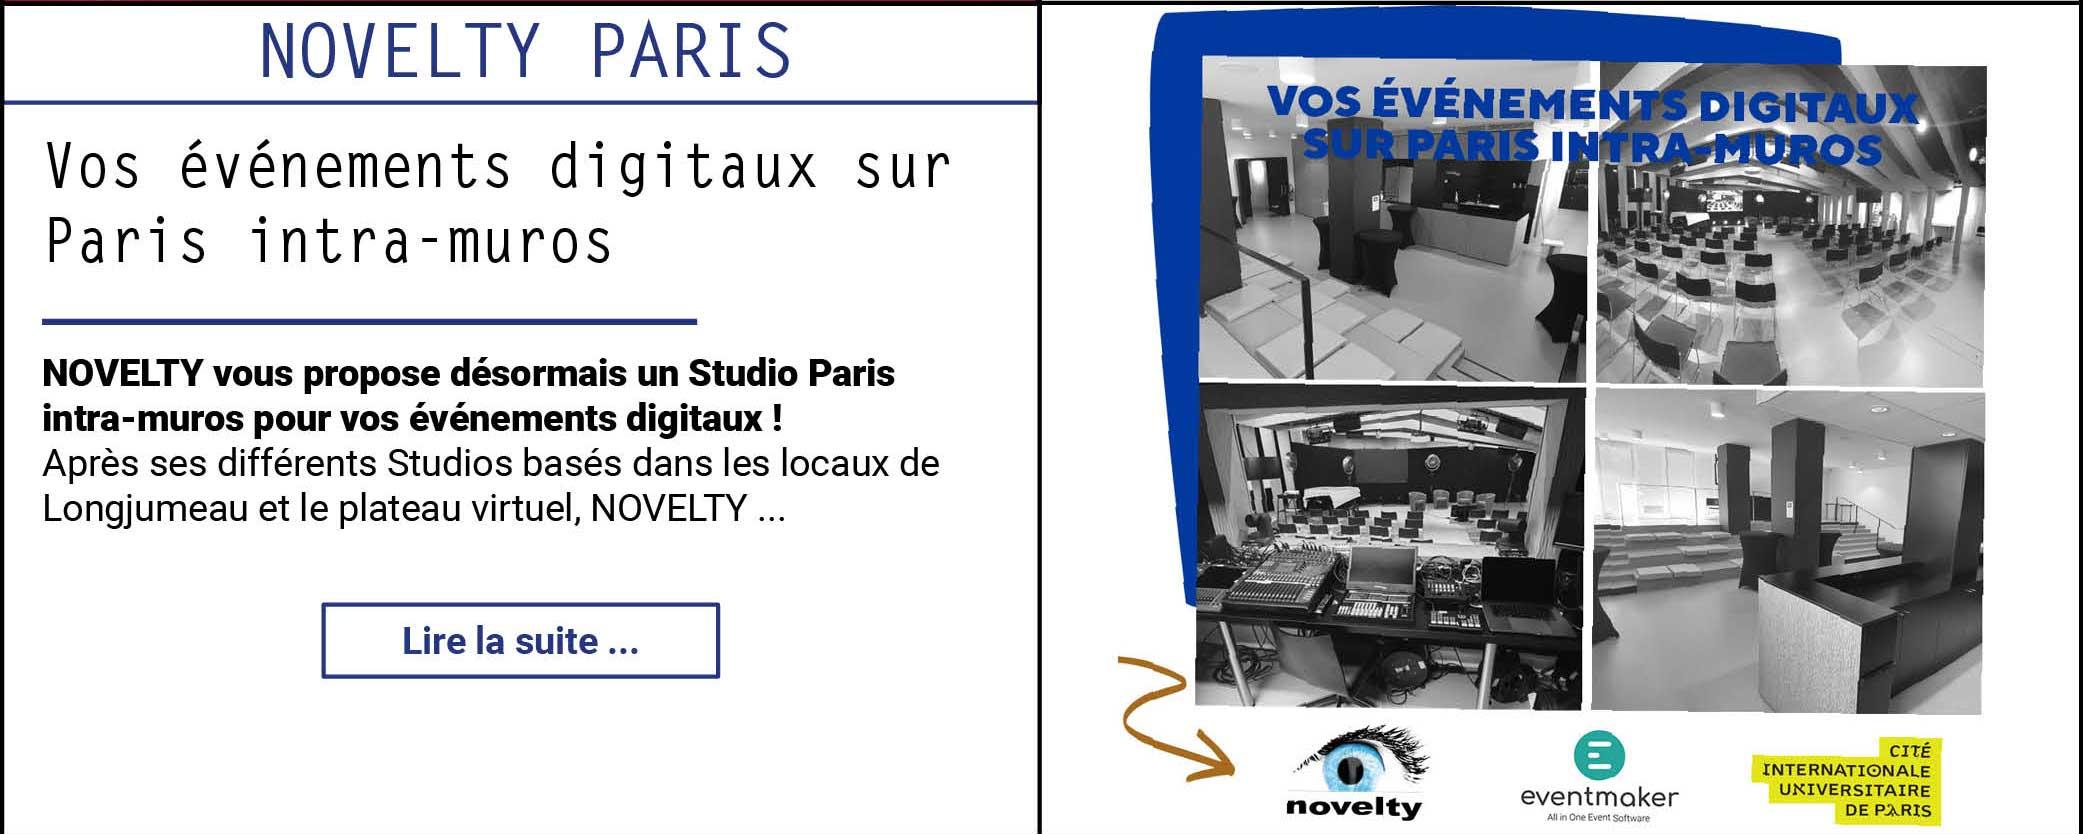 Vos événements digitaux sur Paris intra-muros